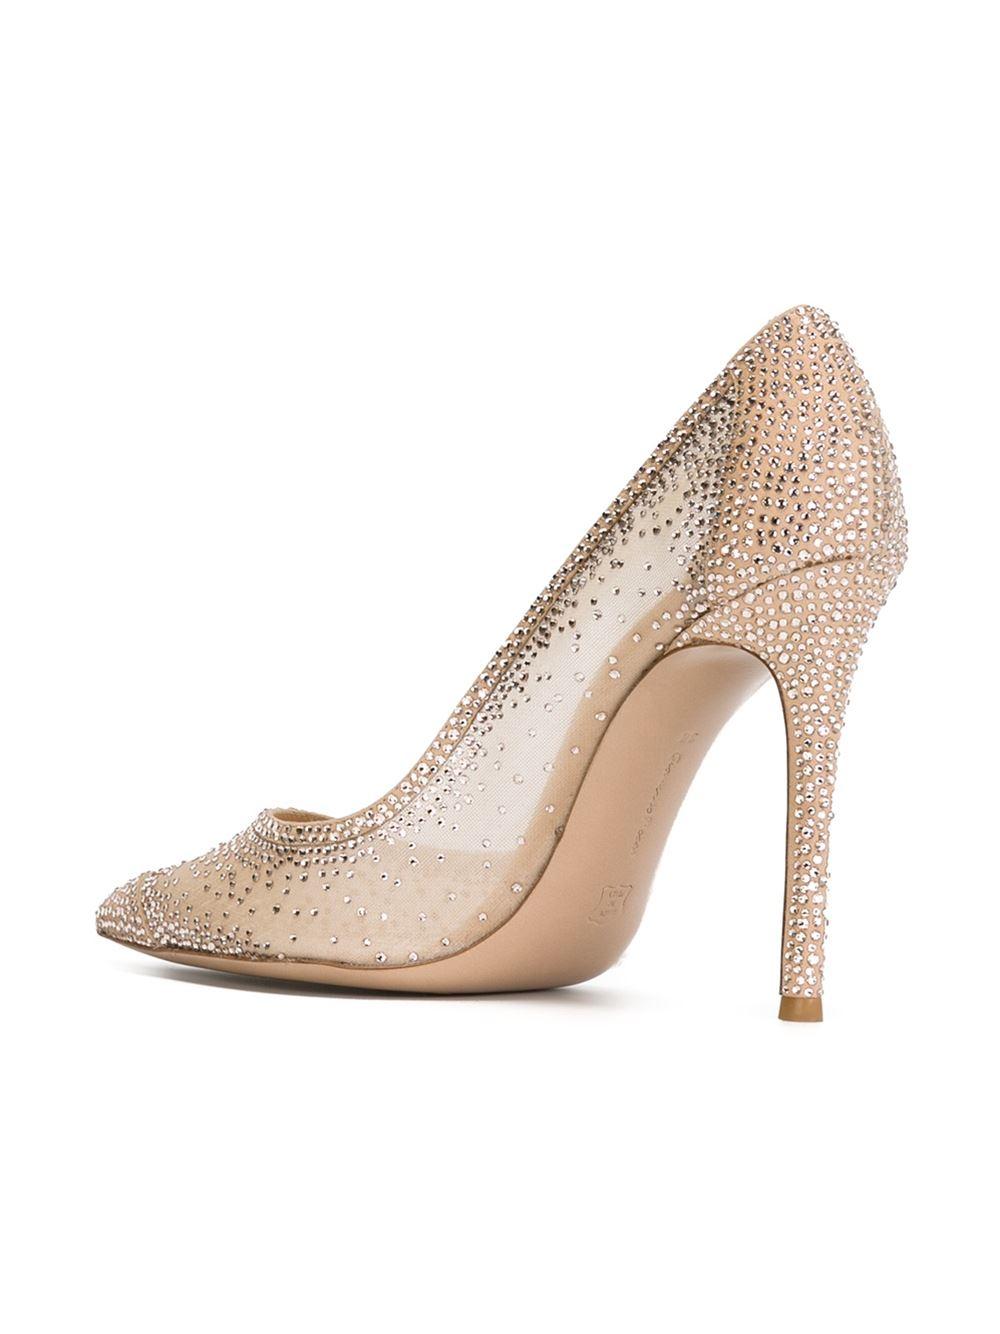 Nude Crystal Heels